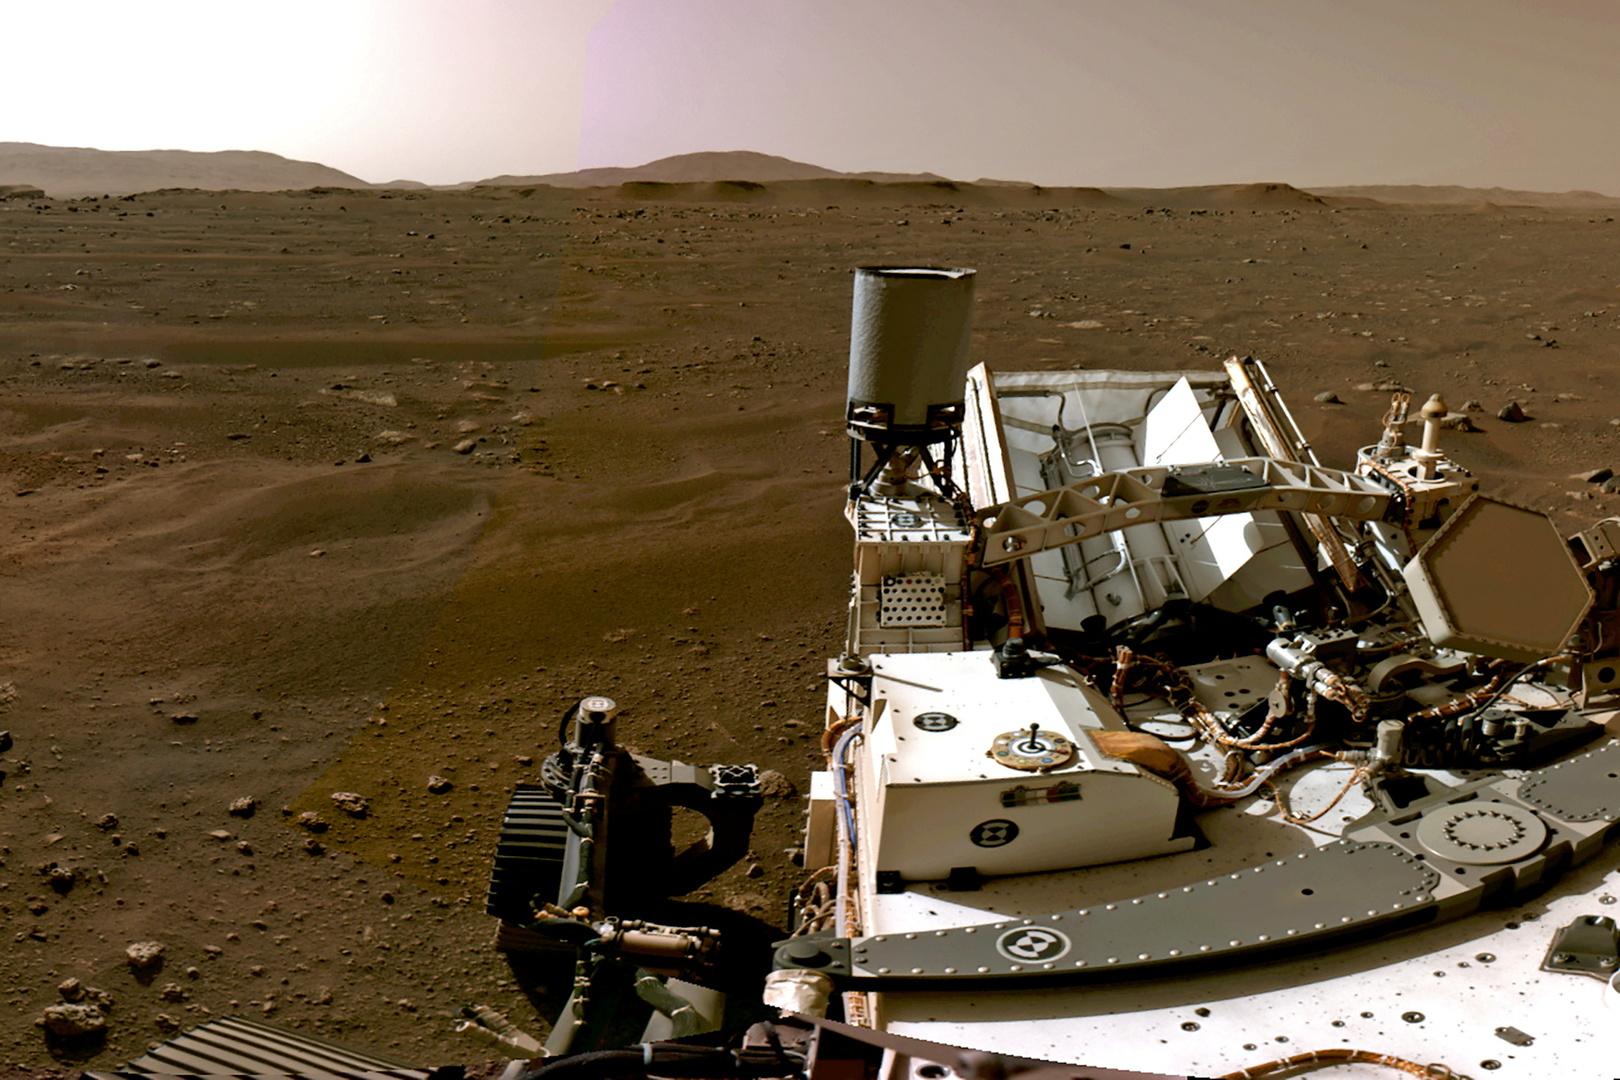 لأول مرة.. اسمع ما يدور على المريخ وشاهد صورا واضحة لسطح الكوكب